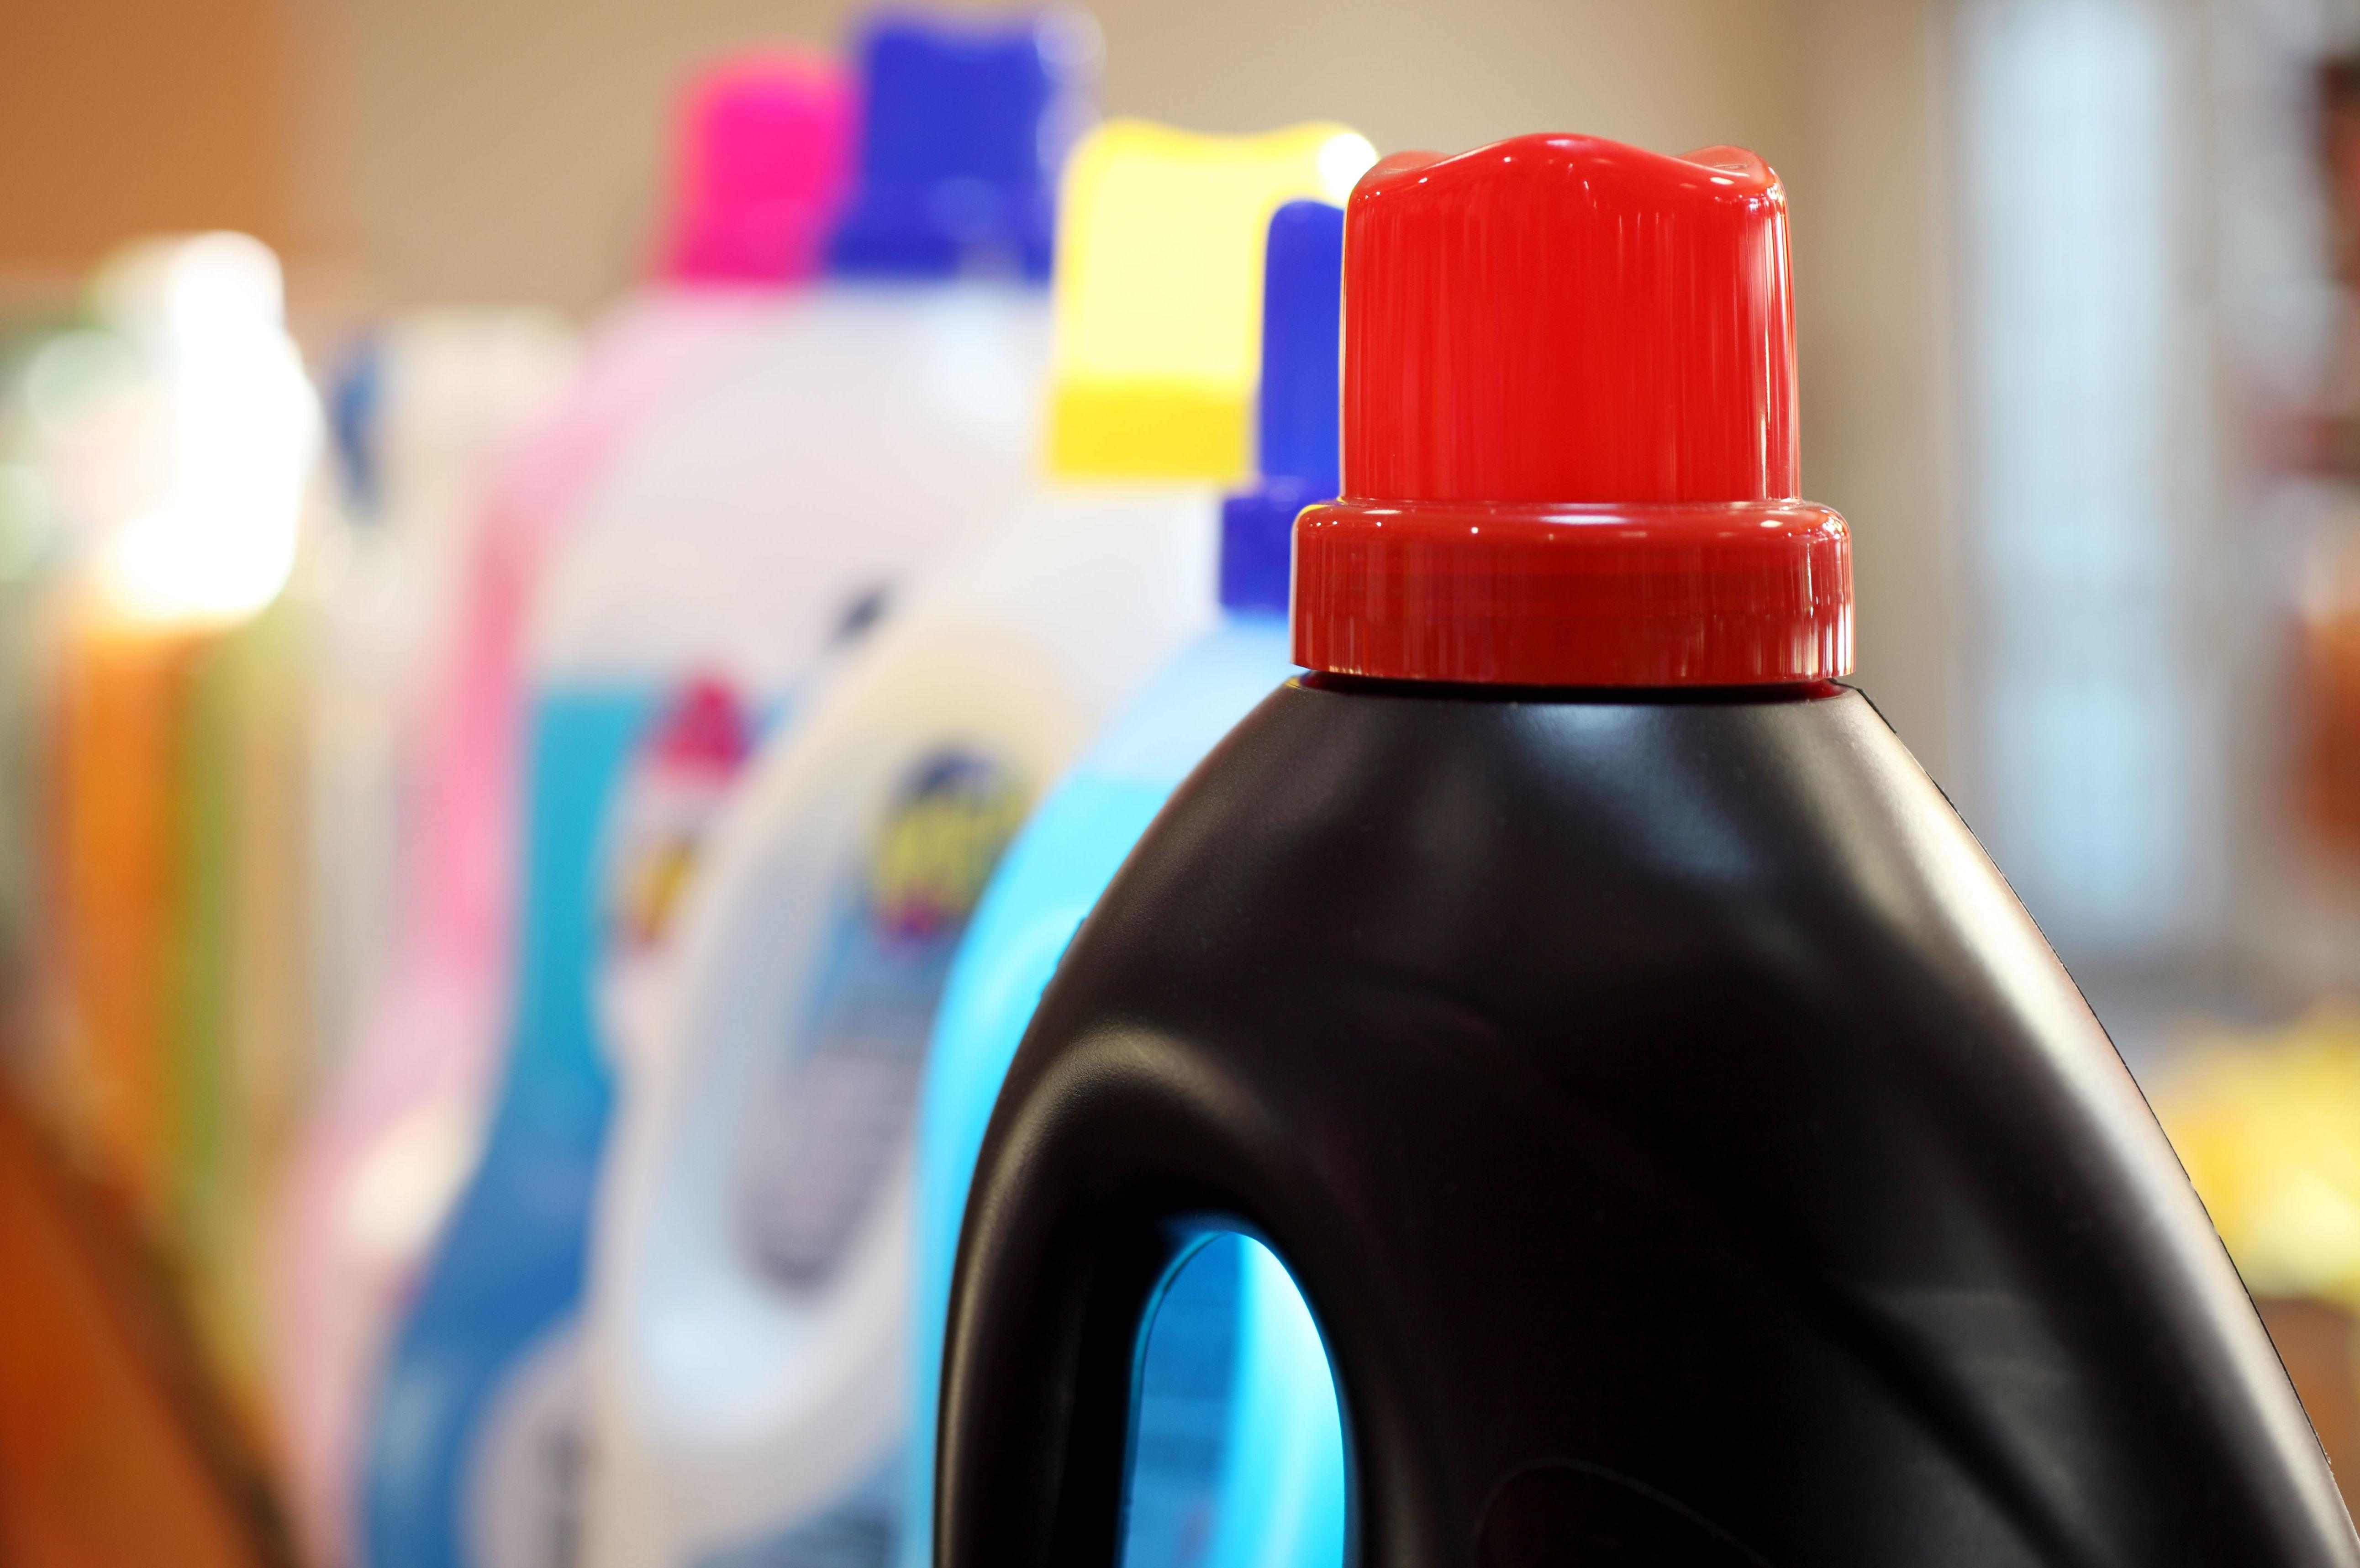 Productos de limpieza, cuándo y cómo usarlos